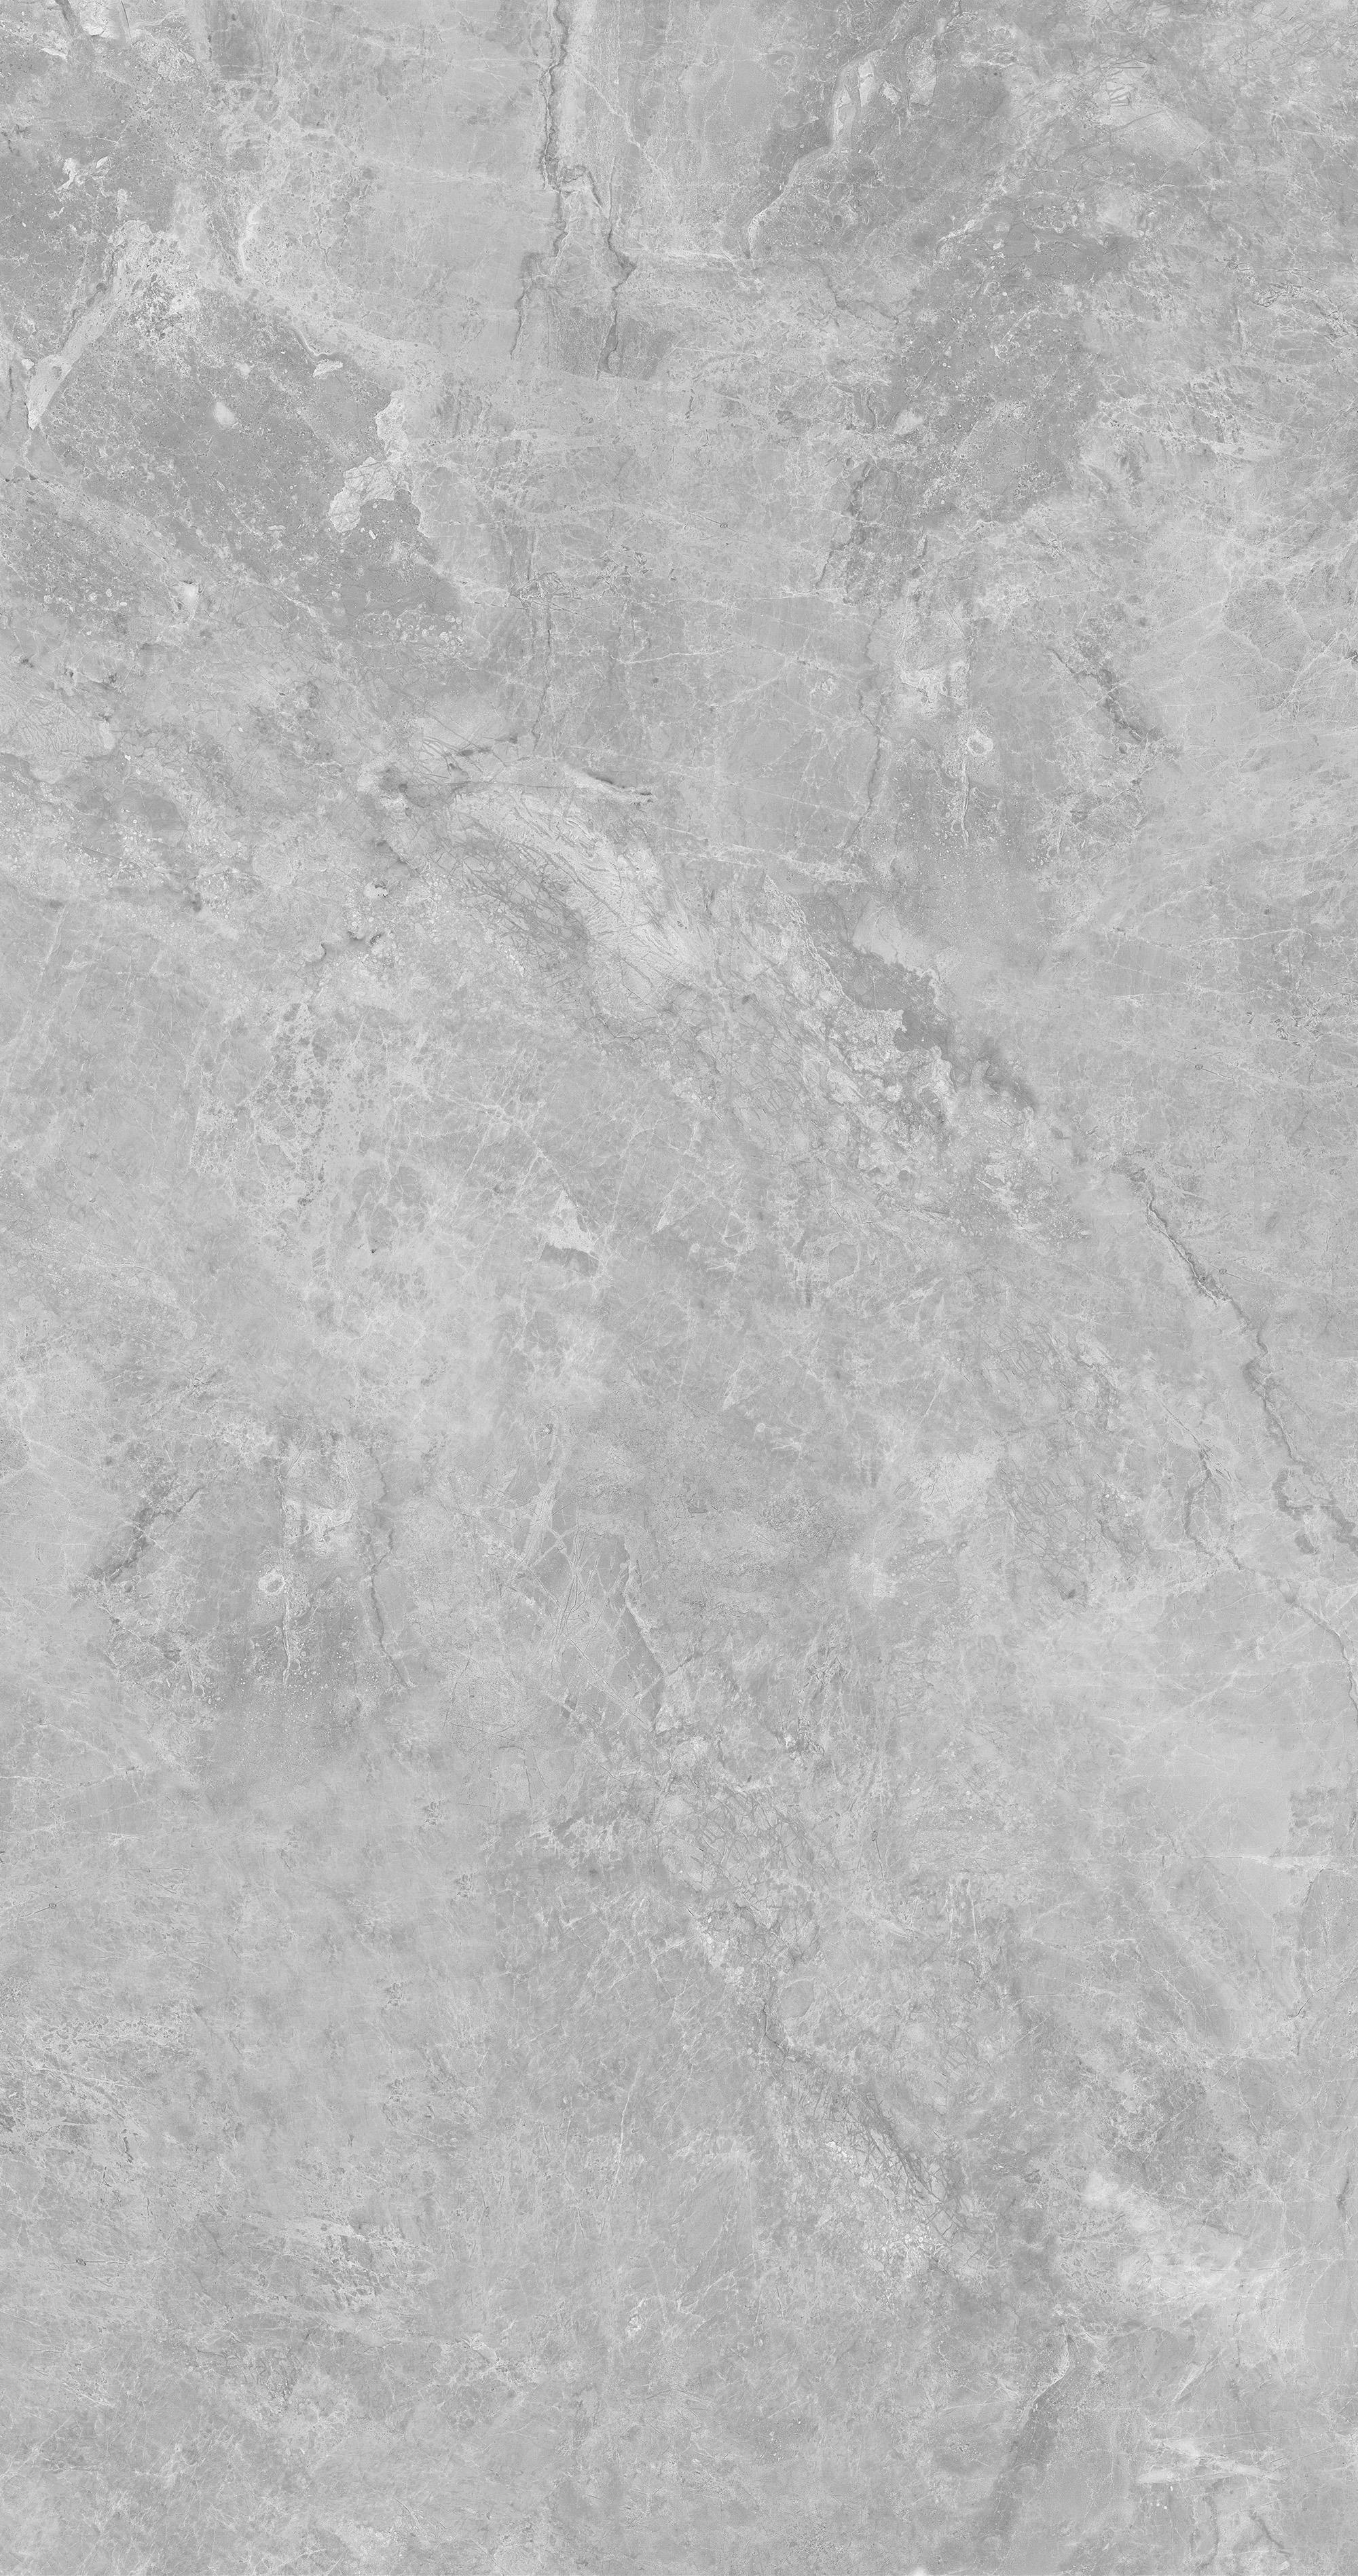 宏宇陶瓷-古堡灰HPGM157035,750x1500mm